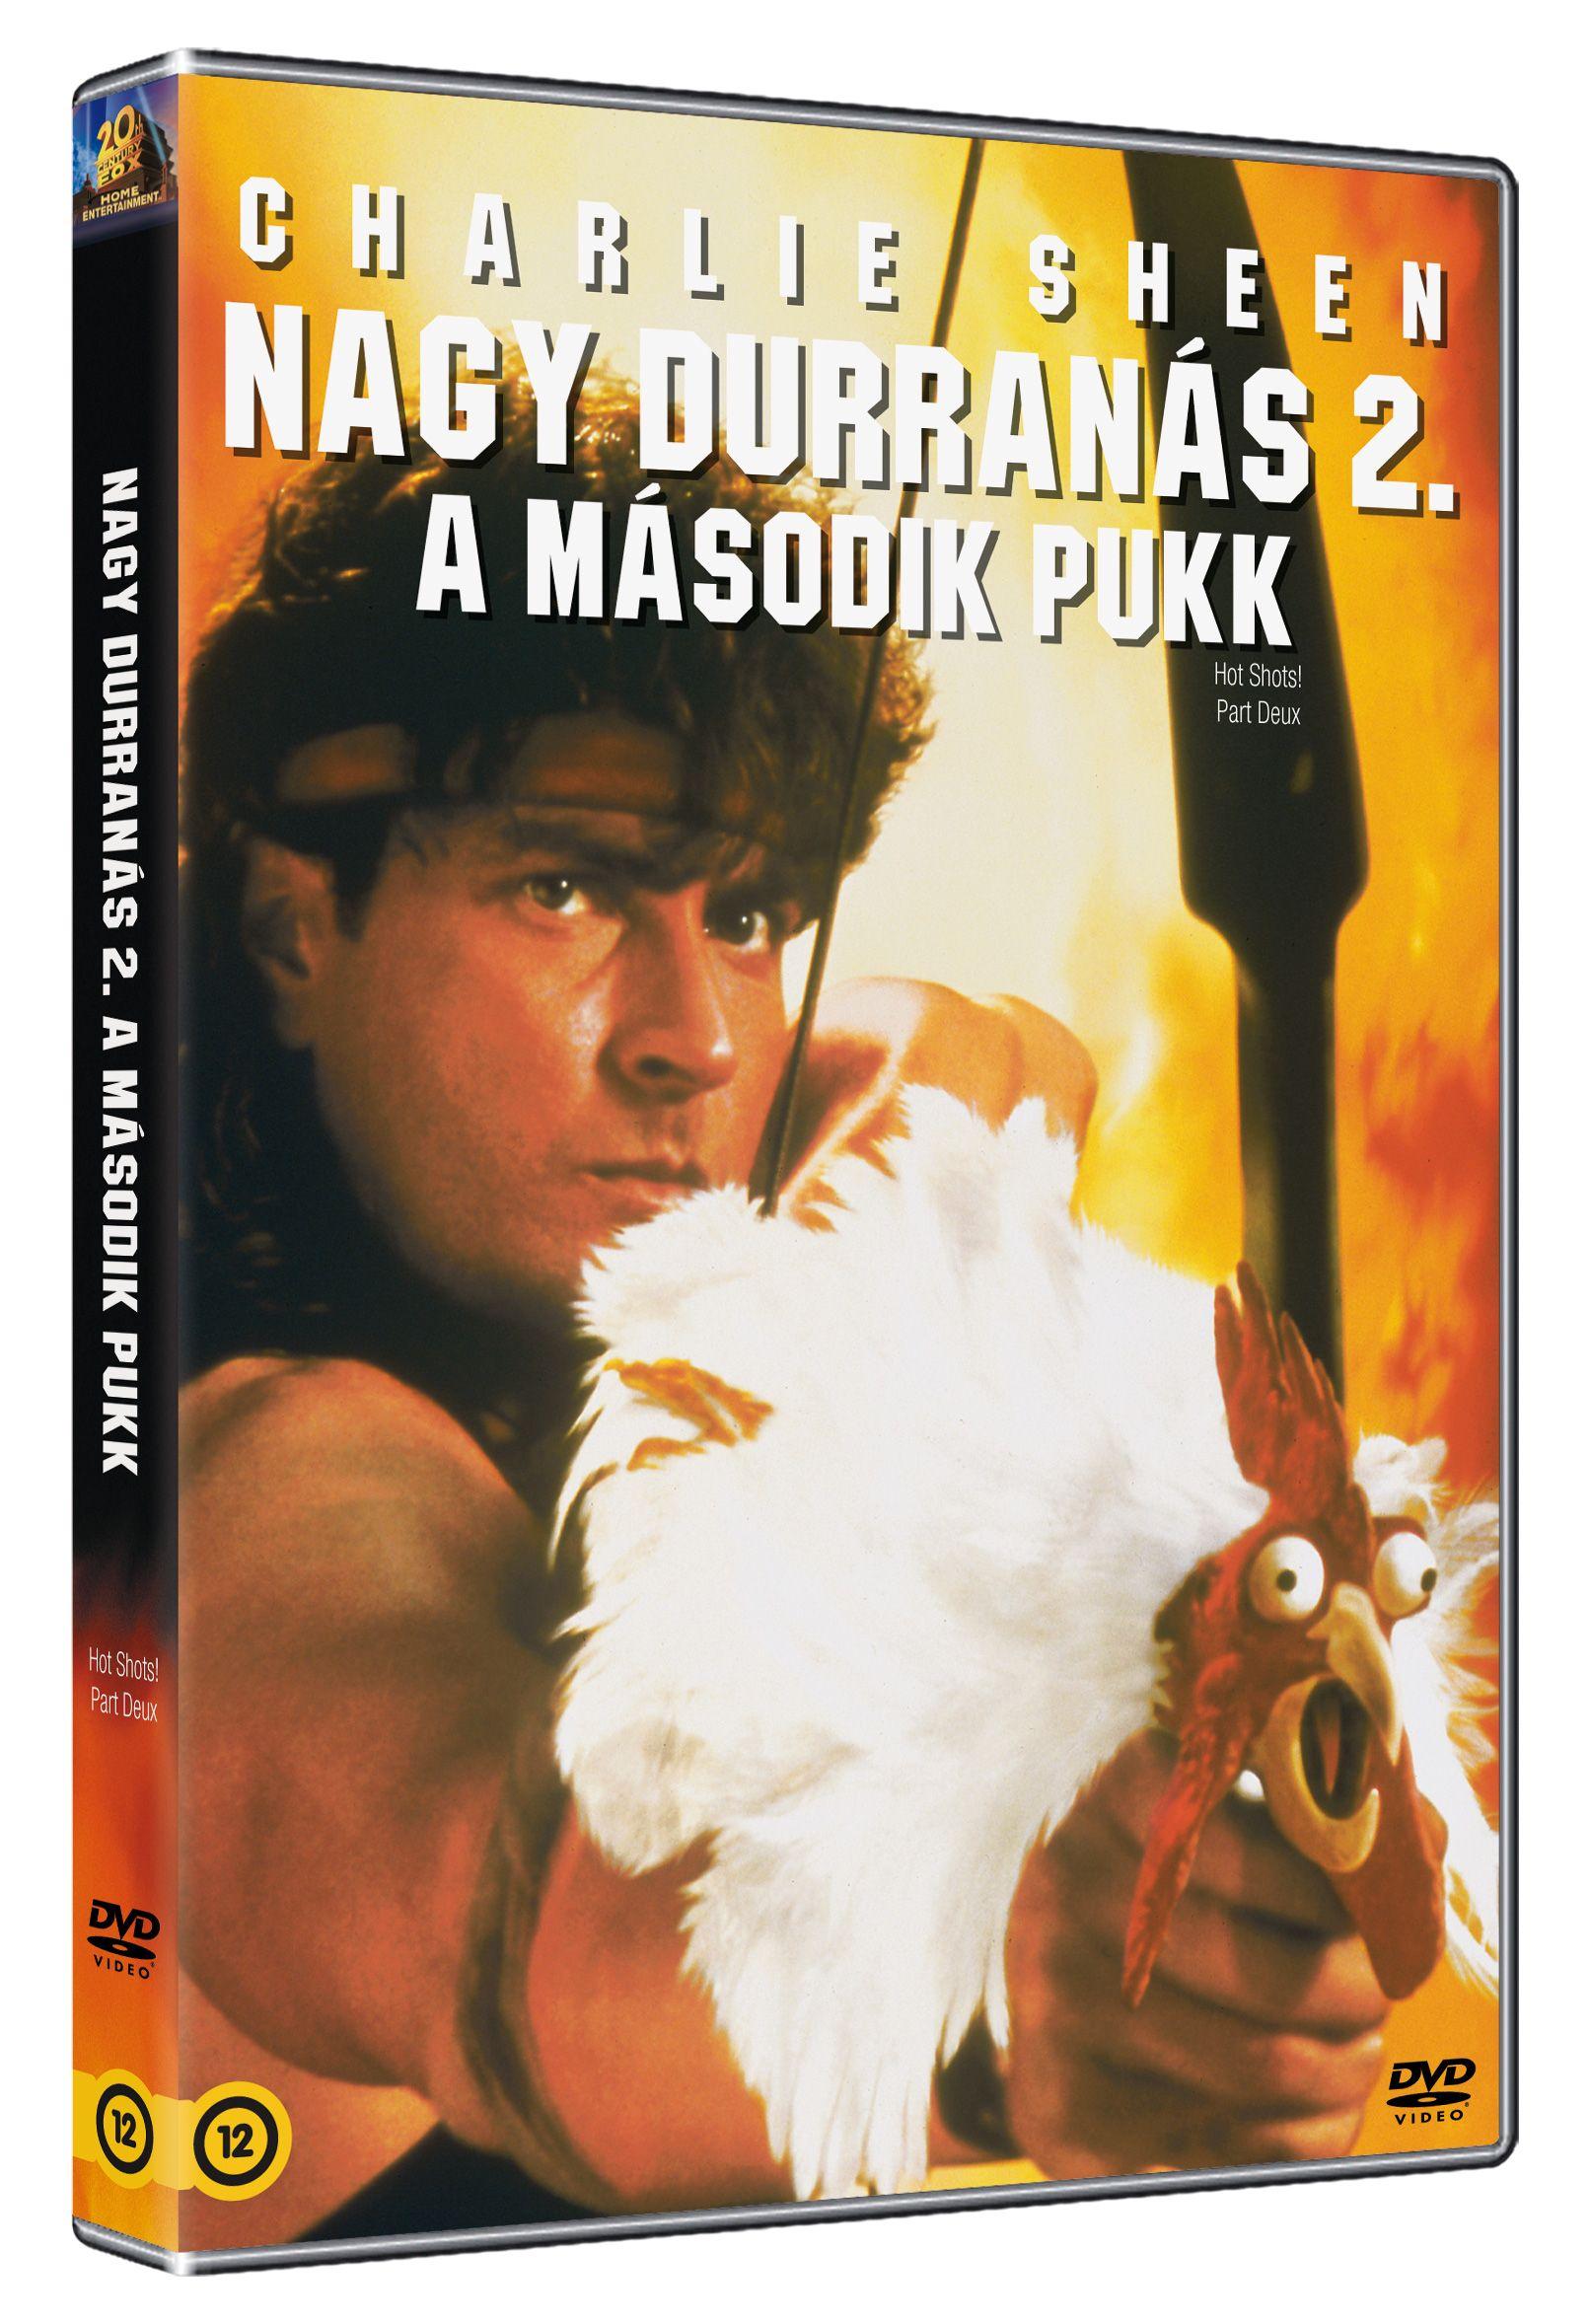 Nagy durranás 2. - A második pukk DVD